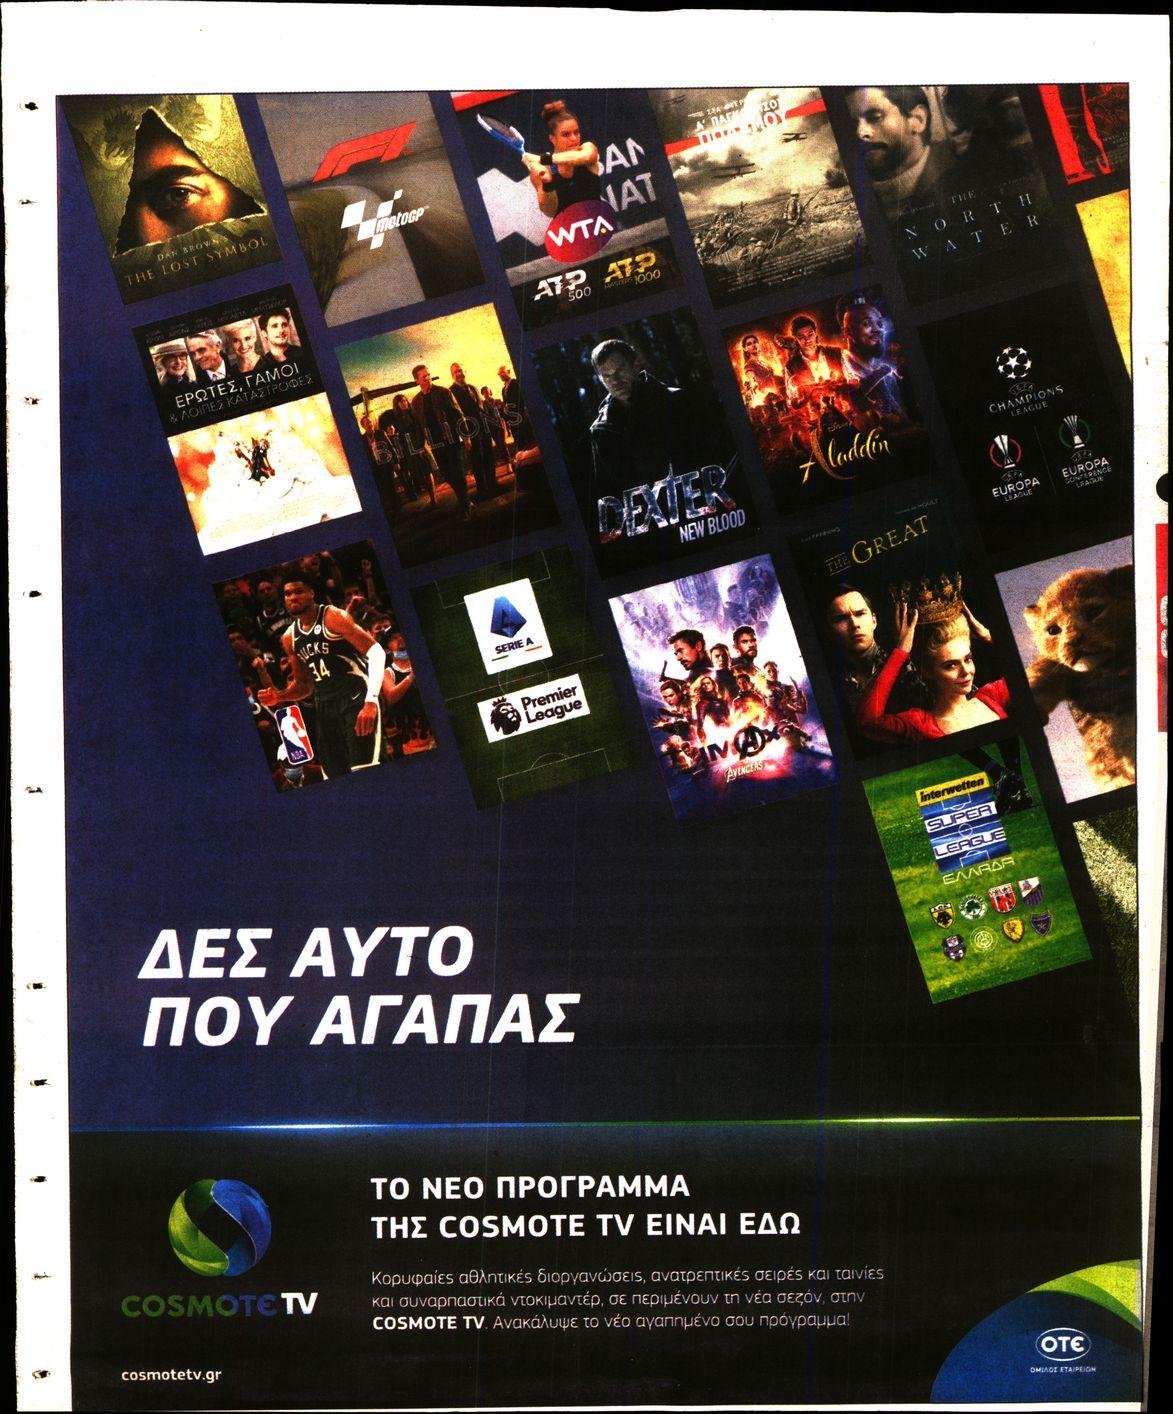 Οπισθόφυλλο του εντύπου «ΕΛΕΥΘΕΡΟΣ ΤΥΠΟΣ ΚΥΡΙΑΚΗΣ» που δημοσιεύτηκε στις 19/09/2021